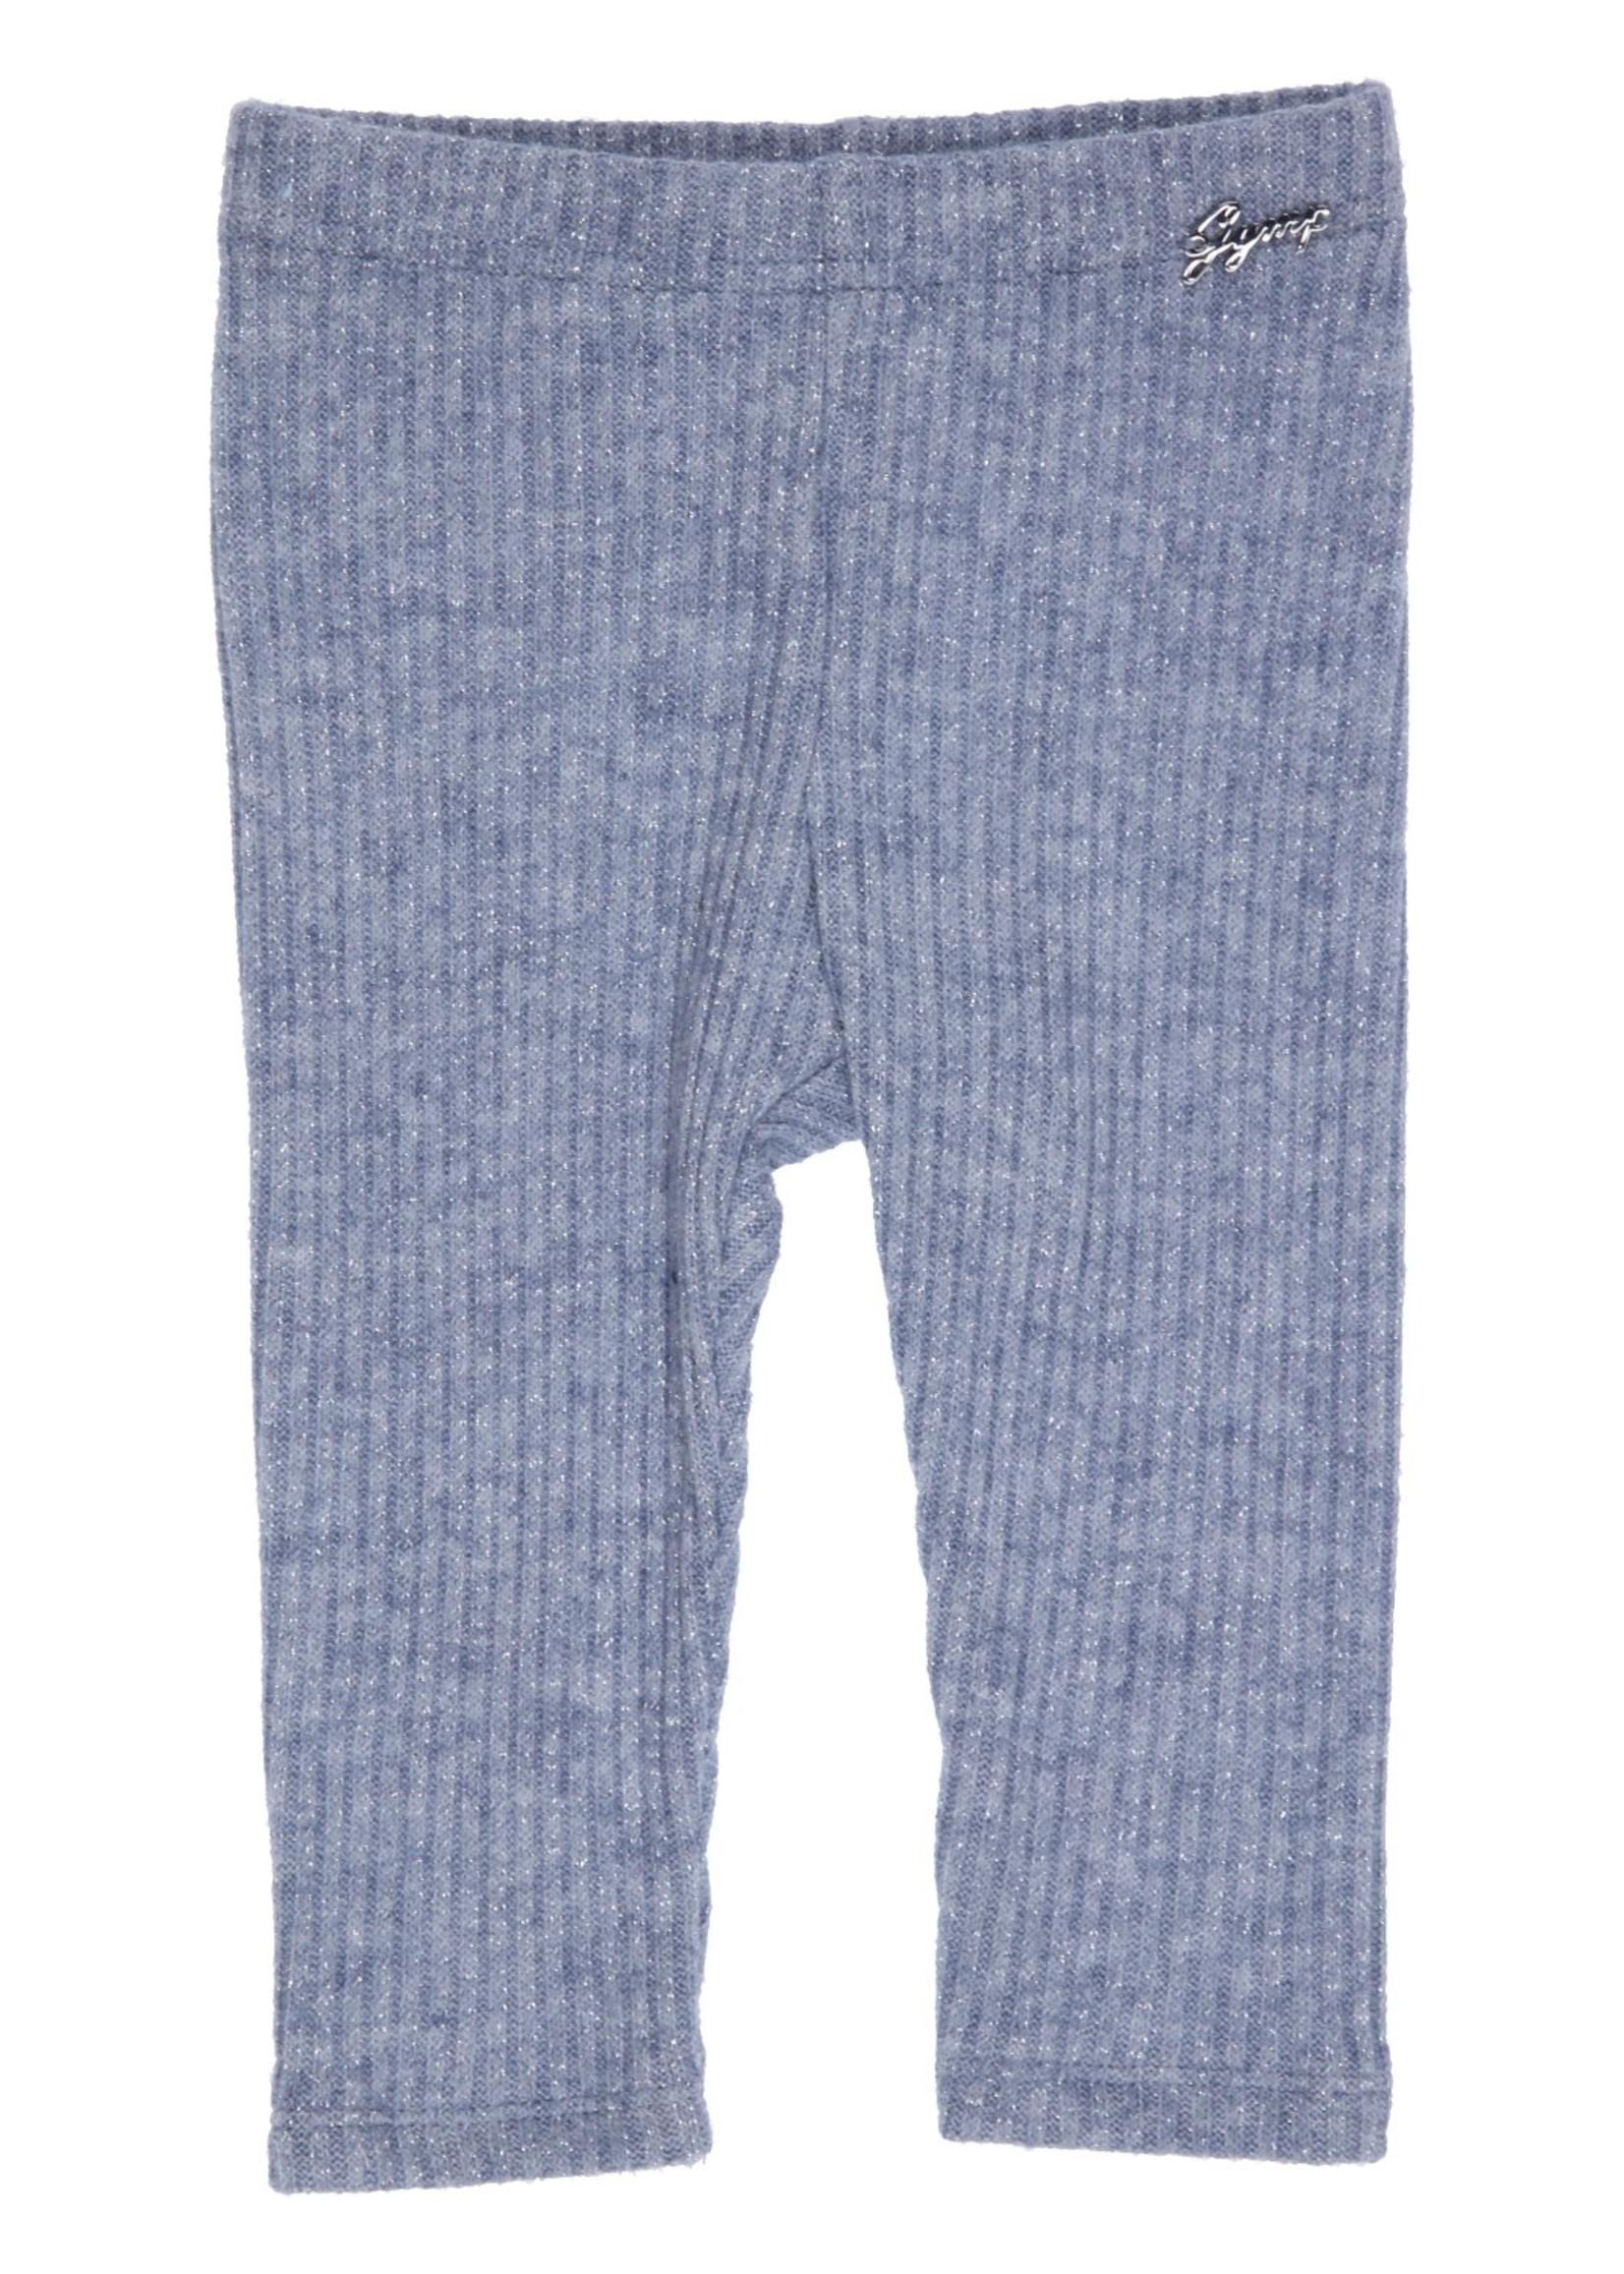 Gymp Gymp legging blauw